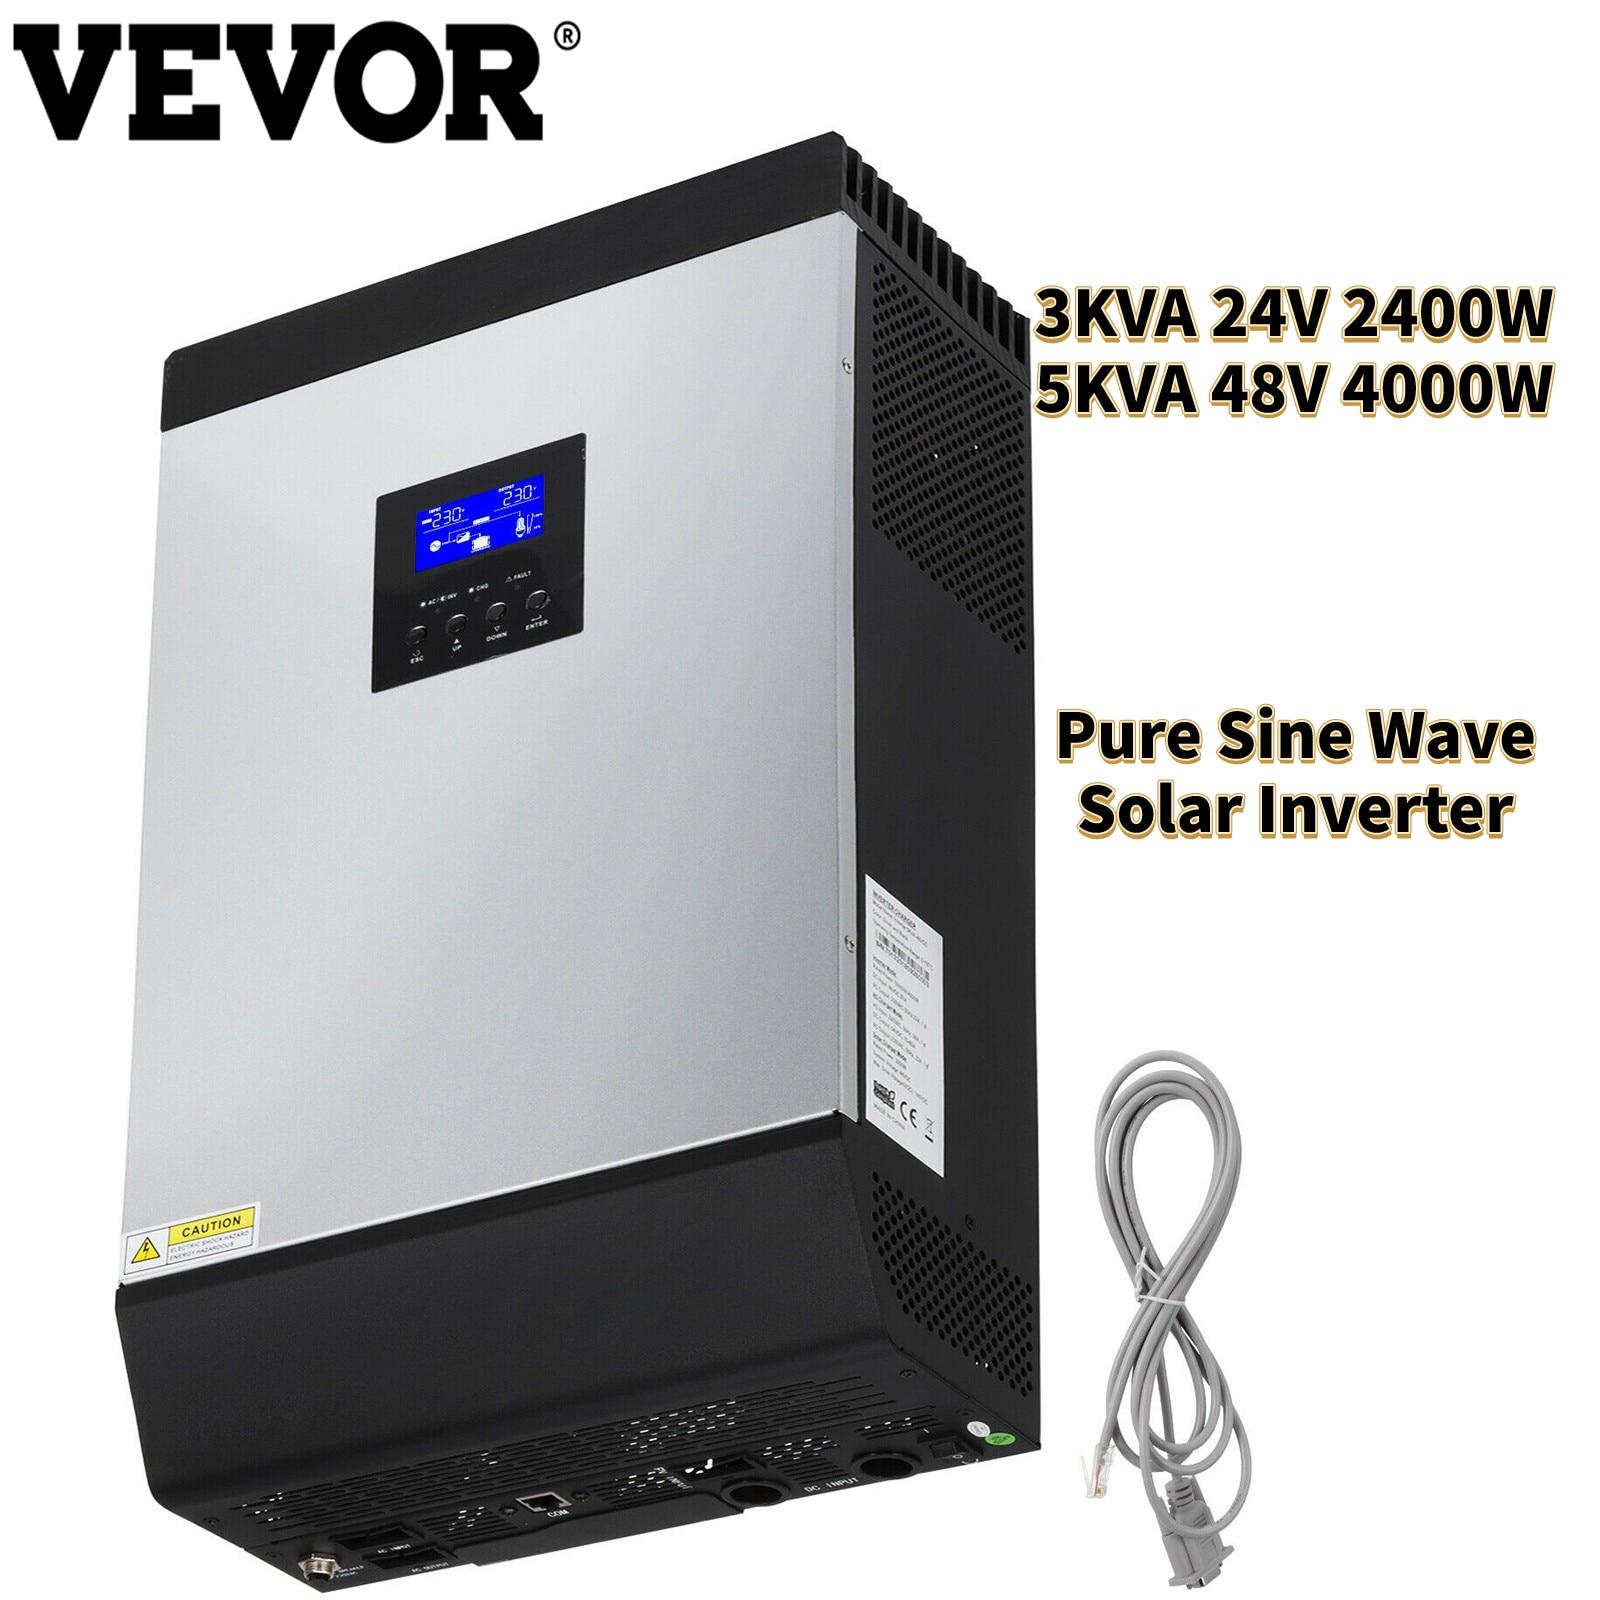 VEVOR 3KVA 24 فولت 2400 واط 5KVA 48 فولت 4000 واط عاكس شمسي هجين MPPT خارج الشبكة موجة جيبية نقية 230VAC شاحن للأجهزة المكتبية المنزلية